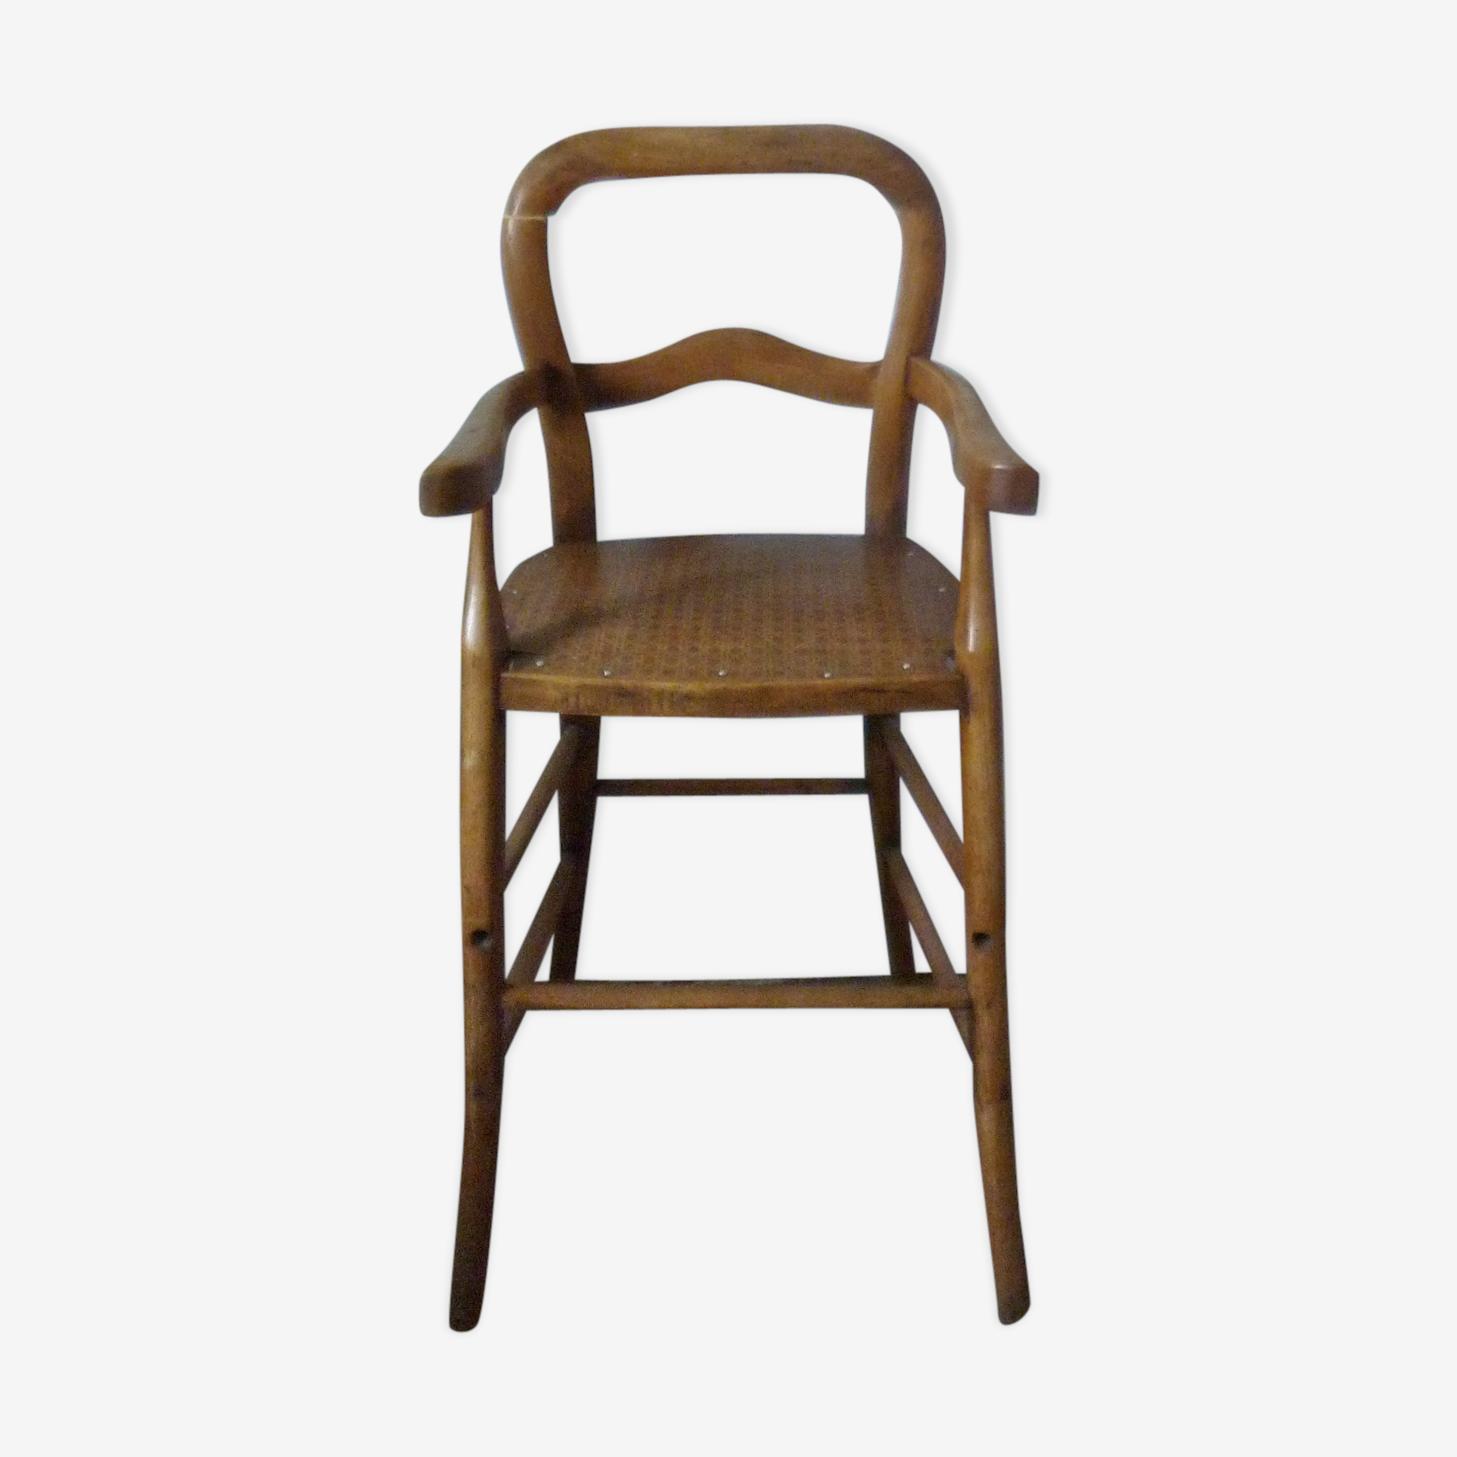 Chaise haute en bois avec assise imitation cannage